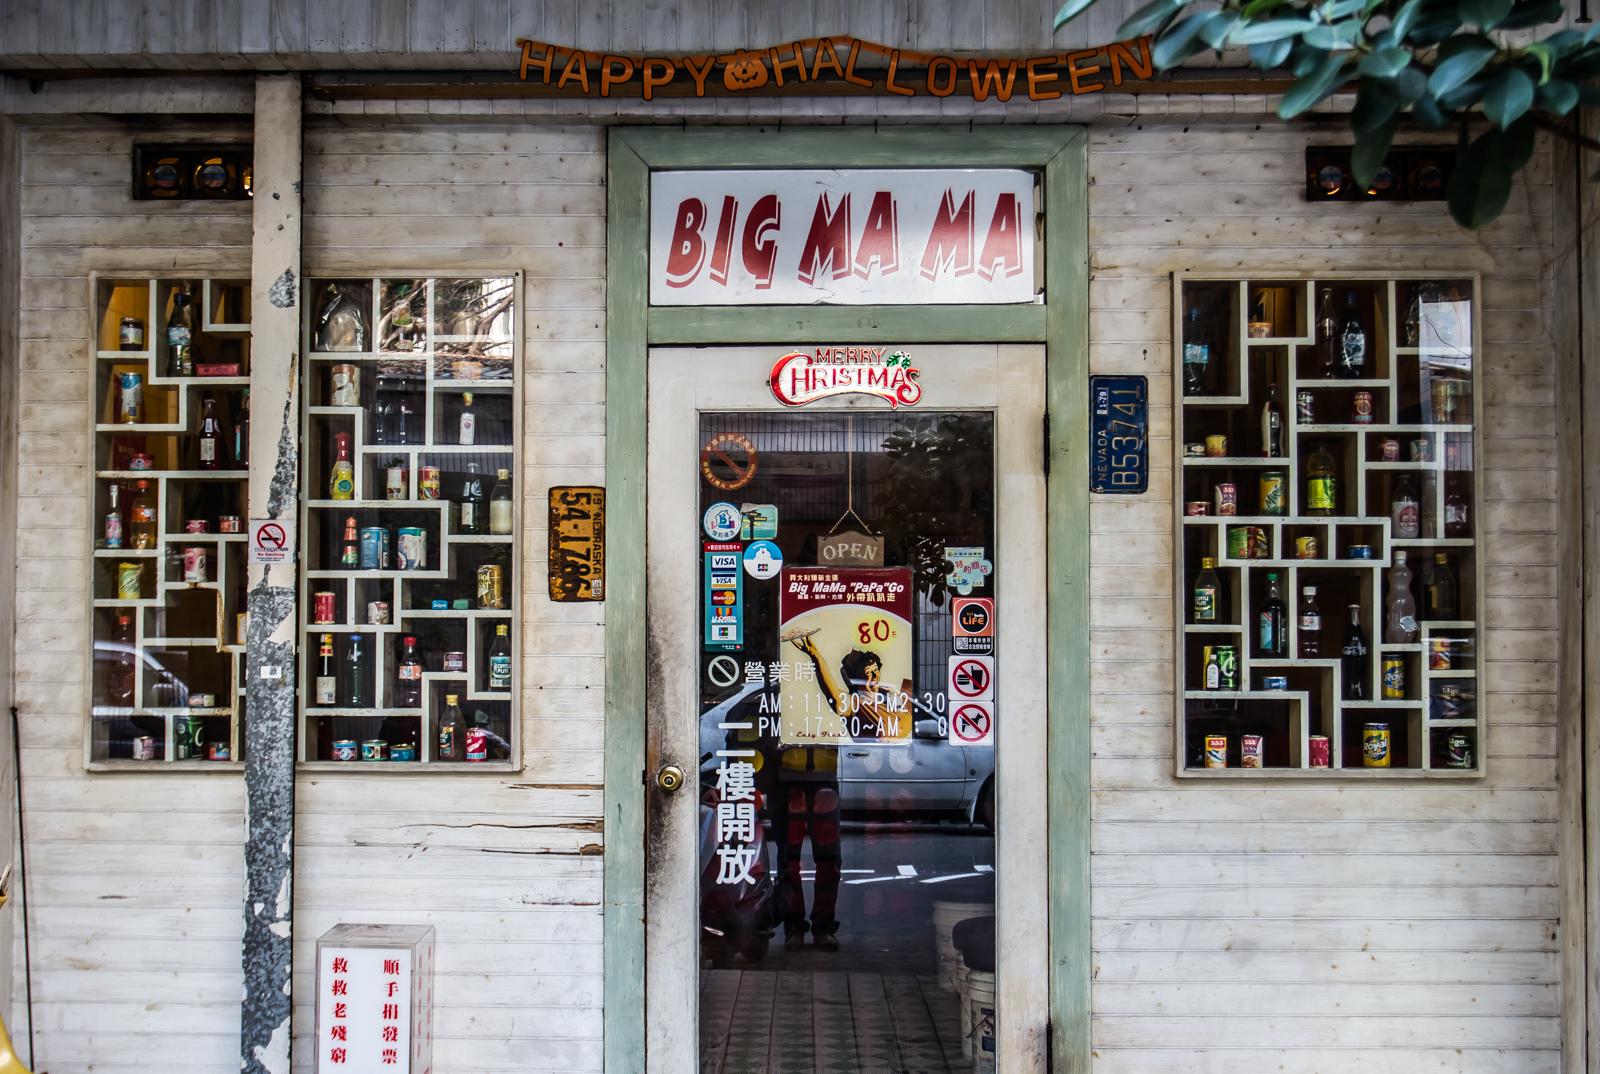 Big MaMa義大利餐廳